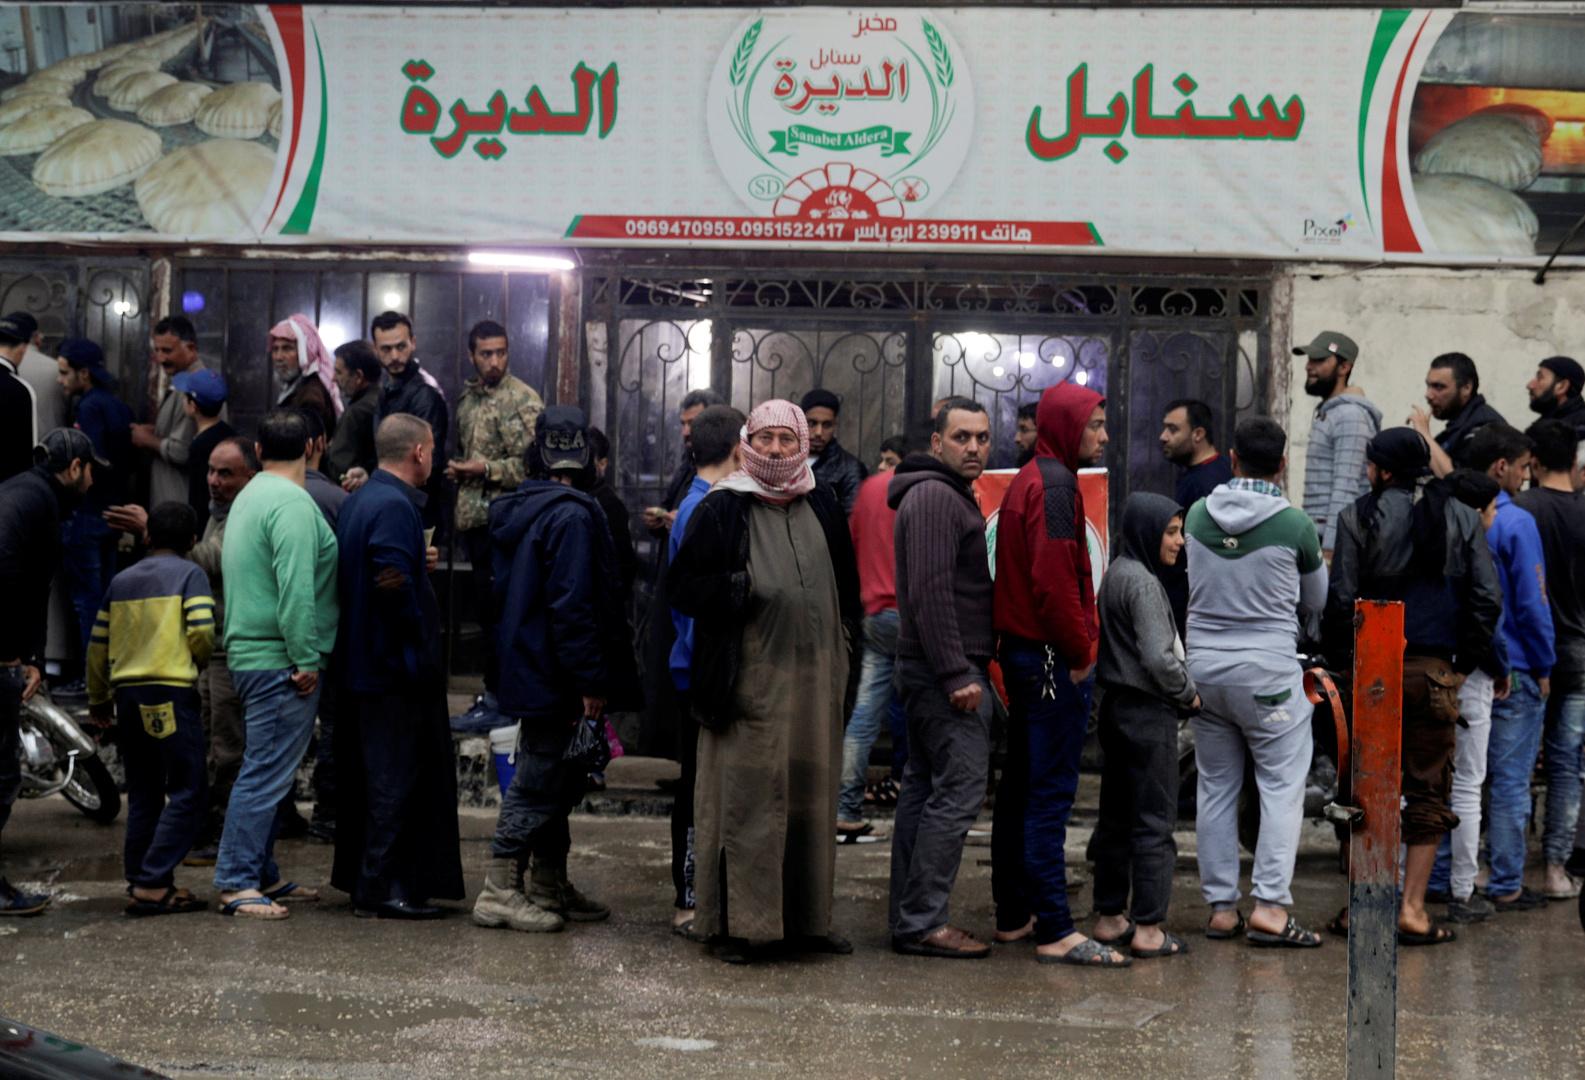 مواطنون سوريون ينتظرون دورهم لشراء الخبز في سوريا